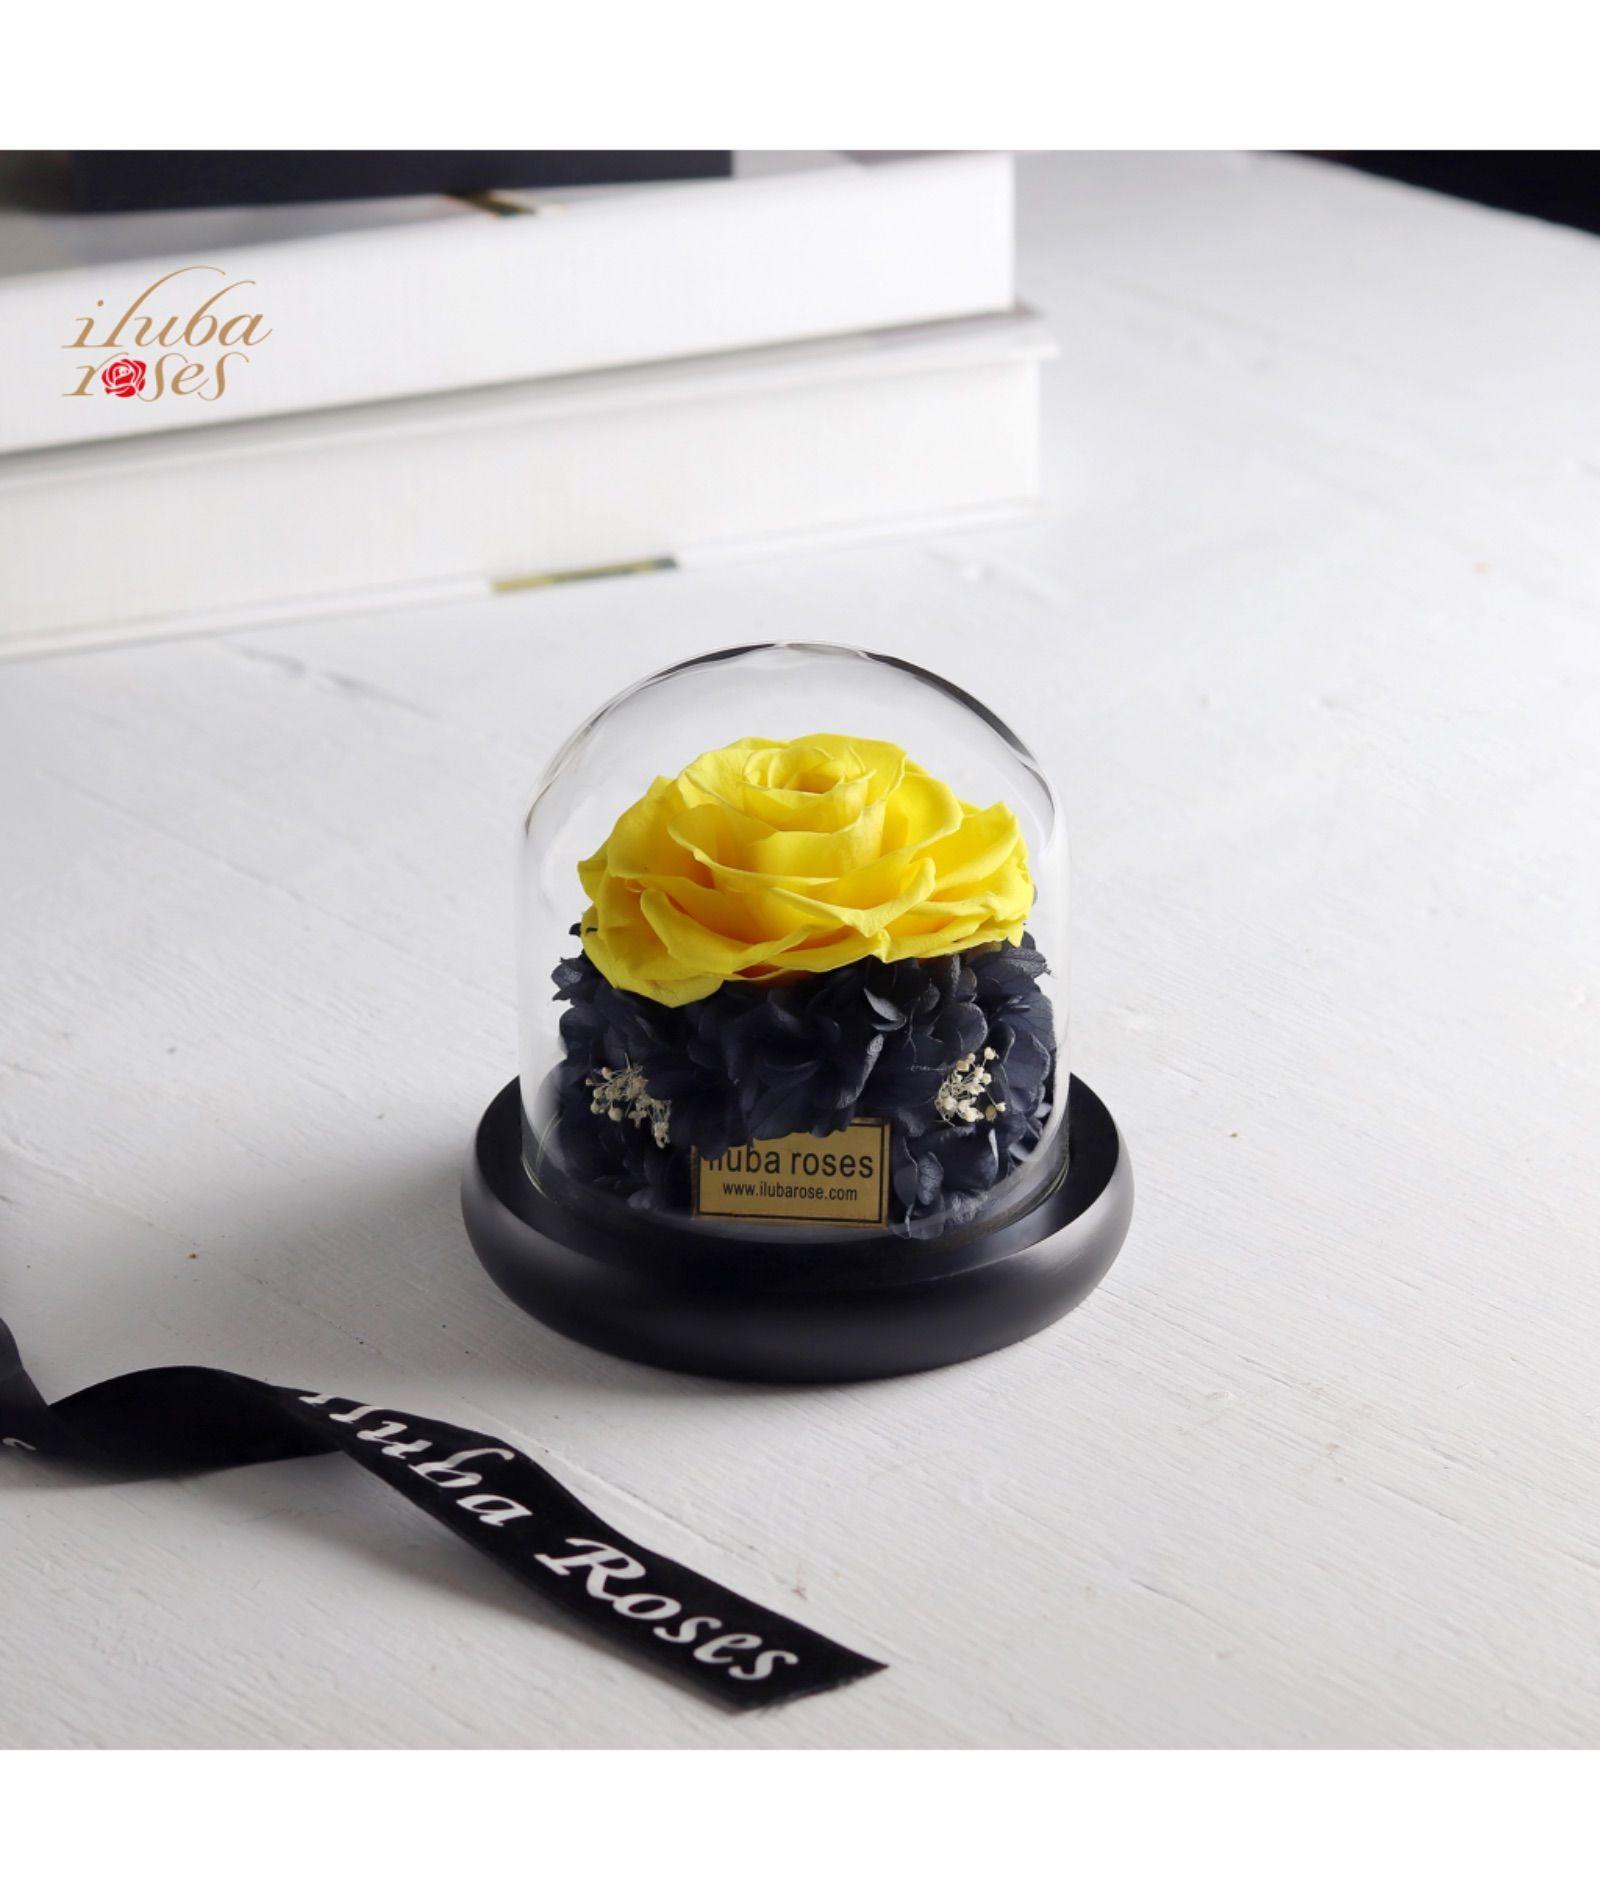 وردة ايلوبا روزز دائمة داخل فازة زجاجية Glassware Rose Tableware